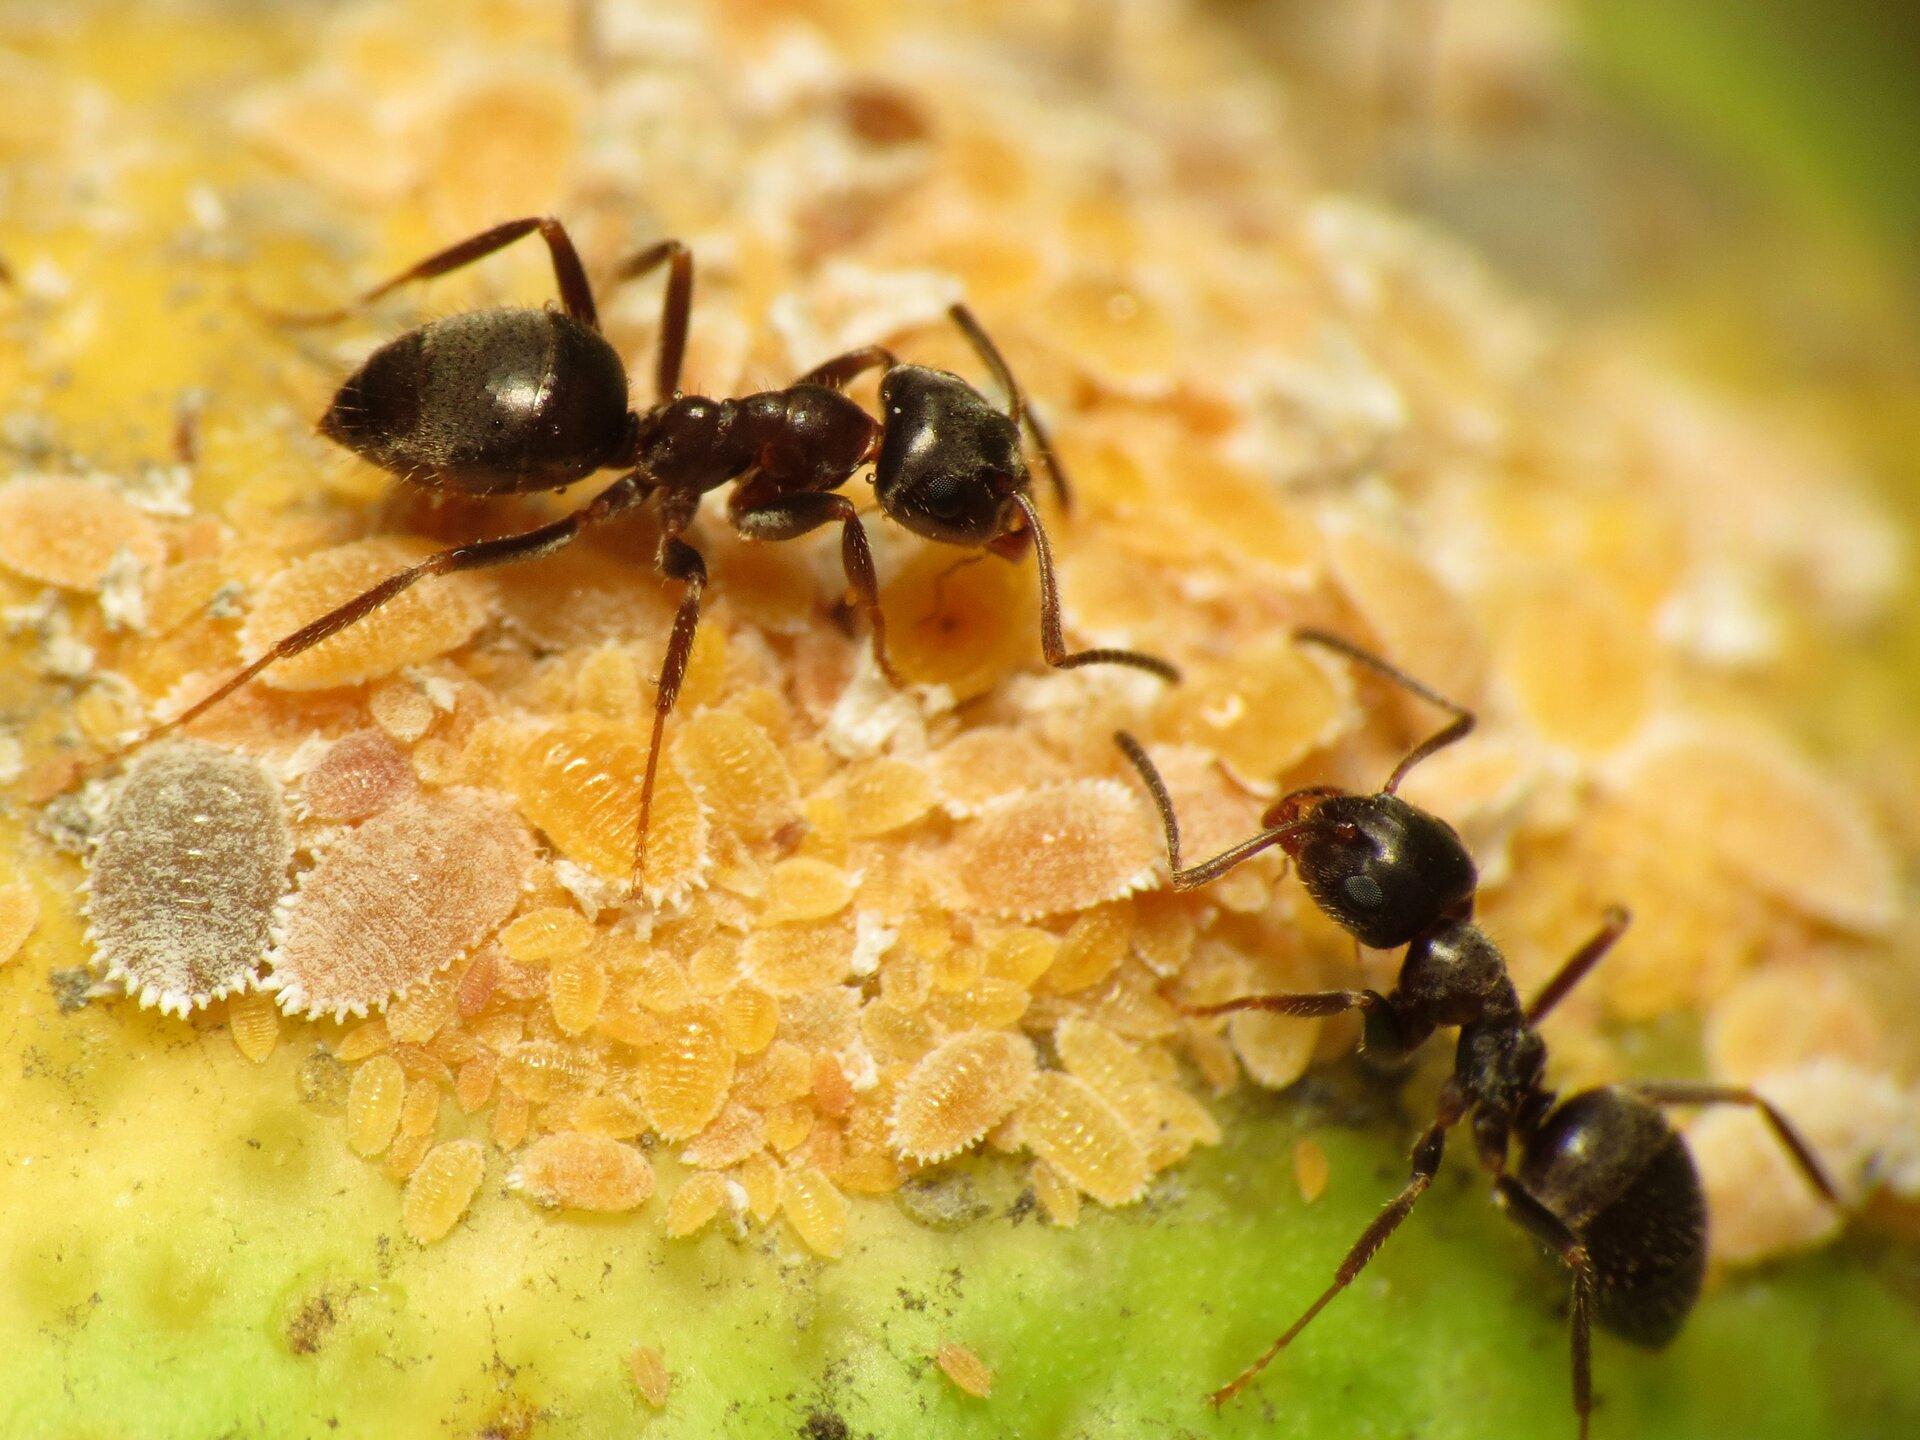 Fotografia dwóch mrówek. Mrówki stoją ustawione głowami do siebie. Ciała owadów są czarne. Głowa jest duża, tułów krótki, ale długi, za nim znajduje się odwłok, większy od głowy. Mrówki opierają się na cienkich odnóżach.